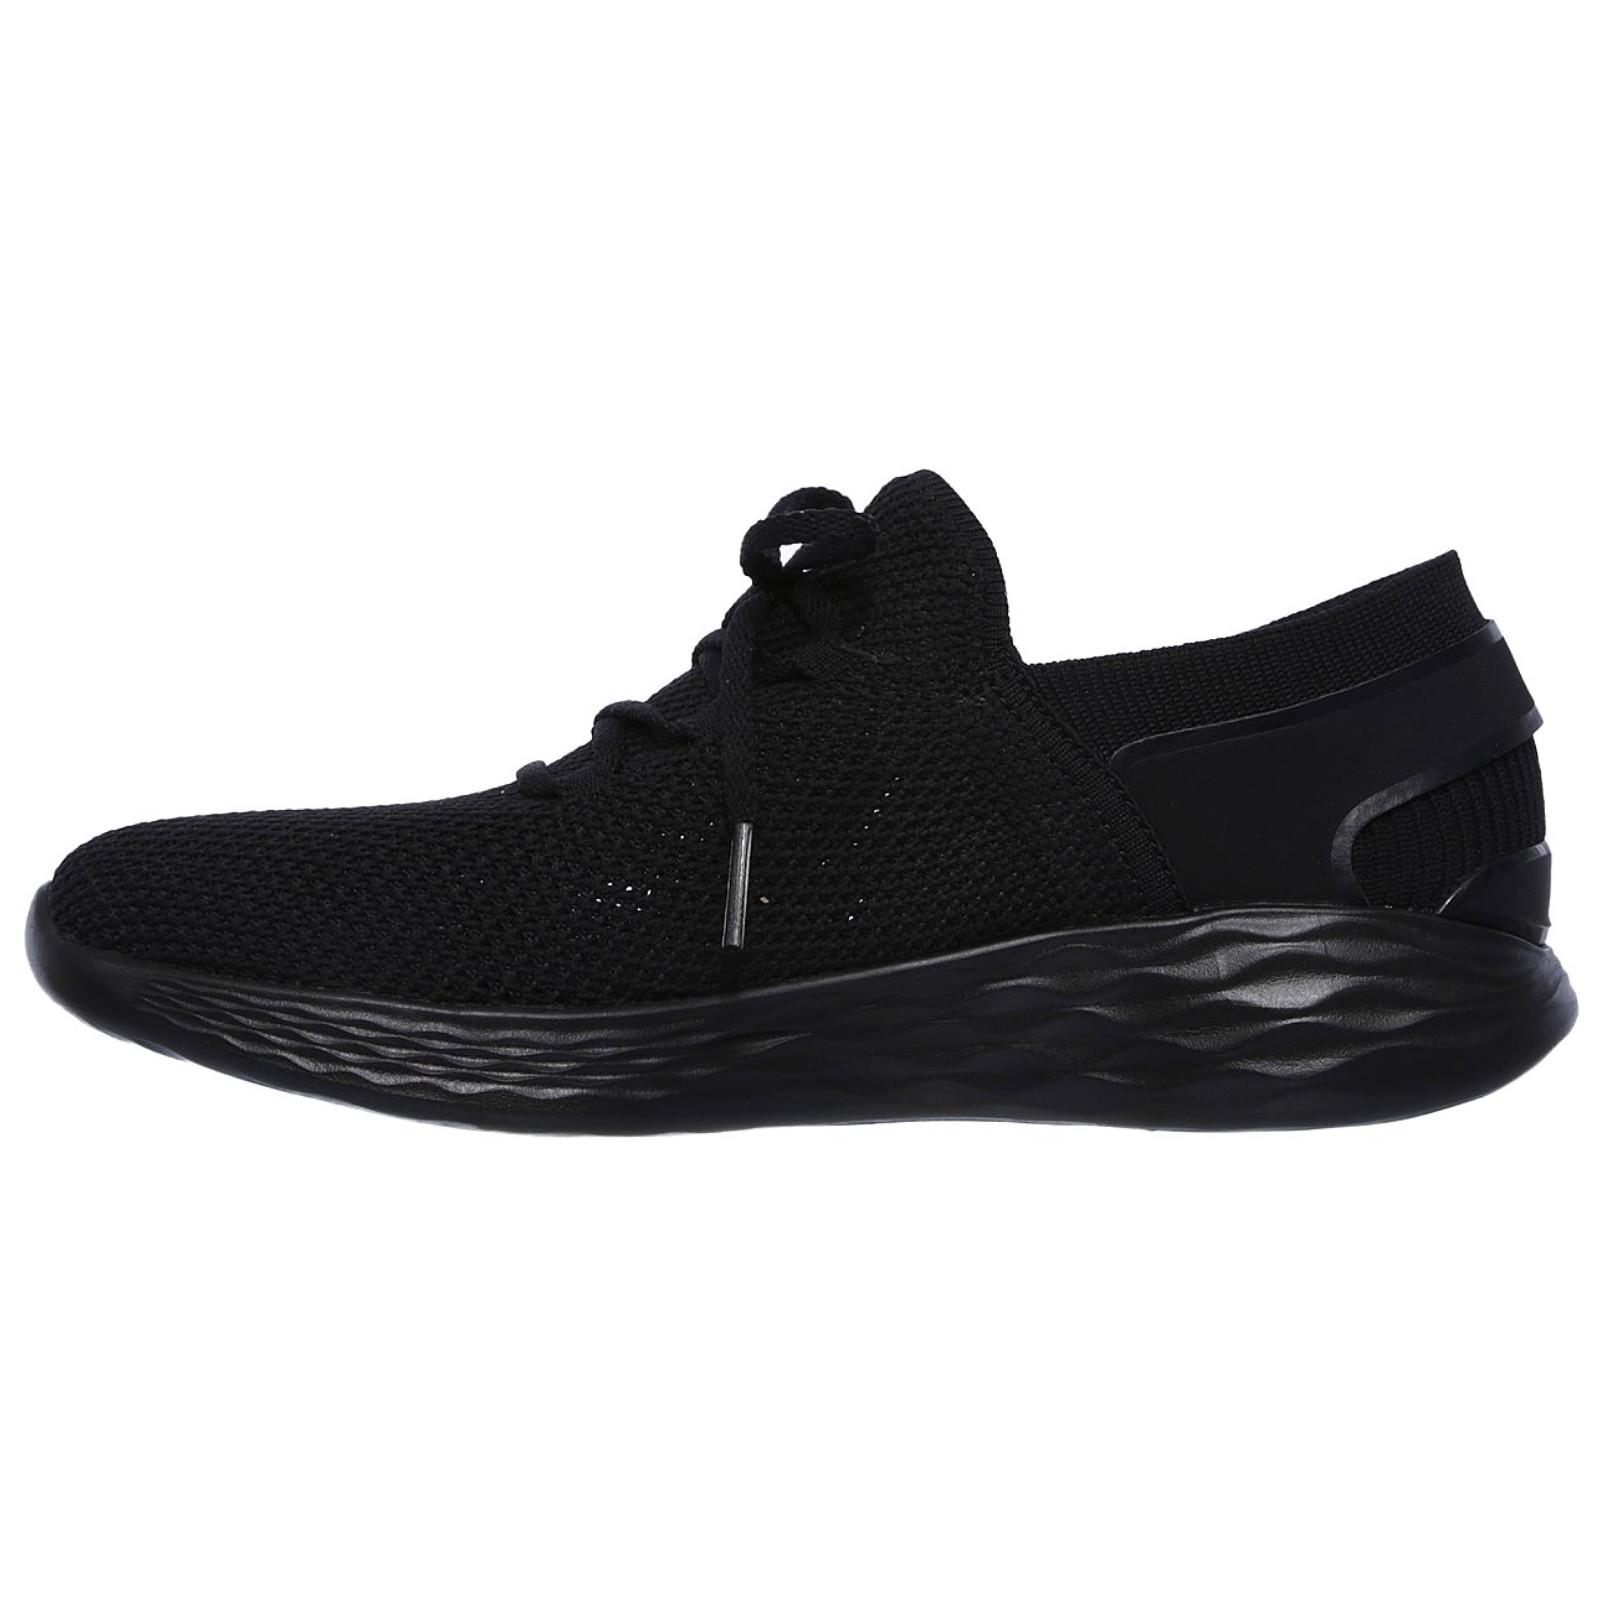 14960 női BBK cipő sportcipő Spirit Női 04614 bebújós Skechers You W04qTO0wCY